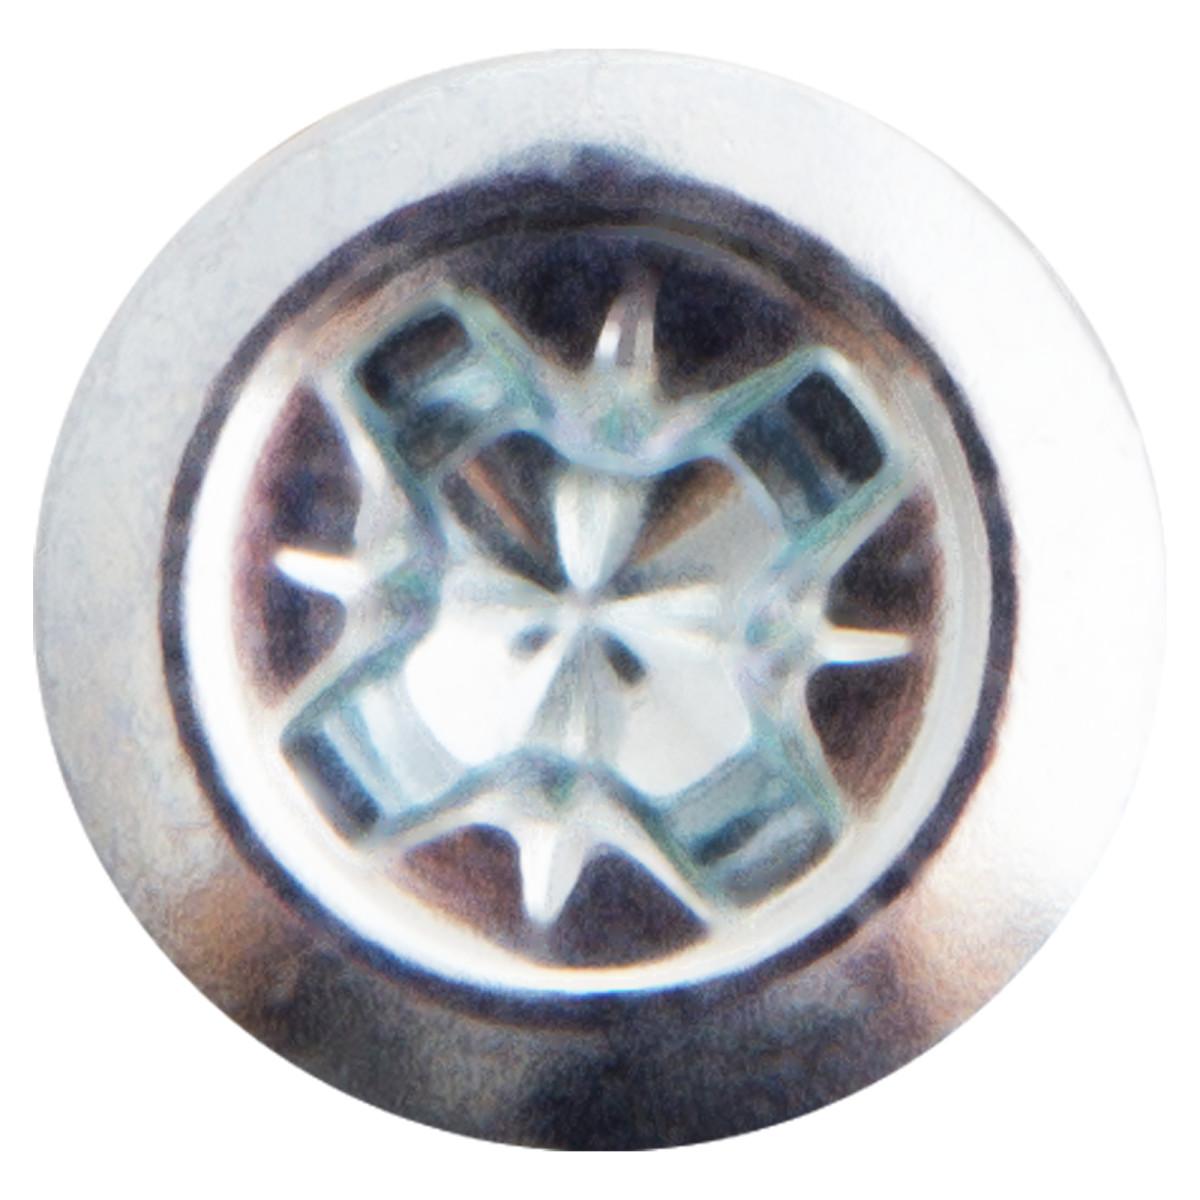 Дюбель-Гвоздь С Цилиндрической Манжетой Standers 8Х60 Нейлон 10